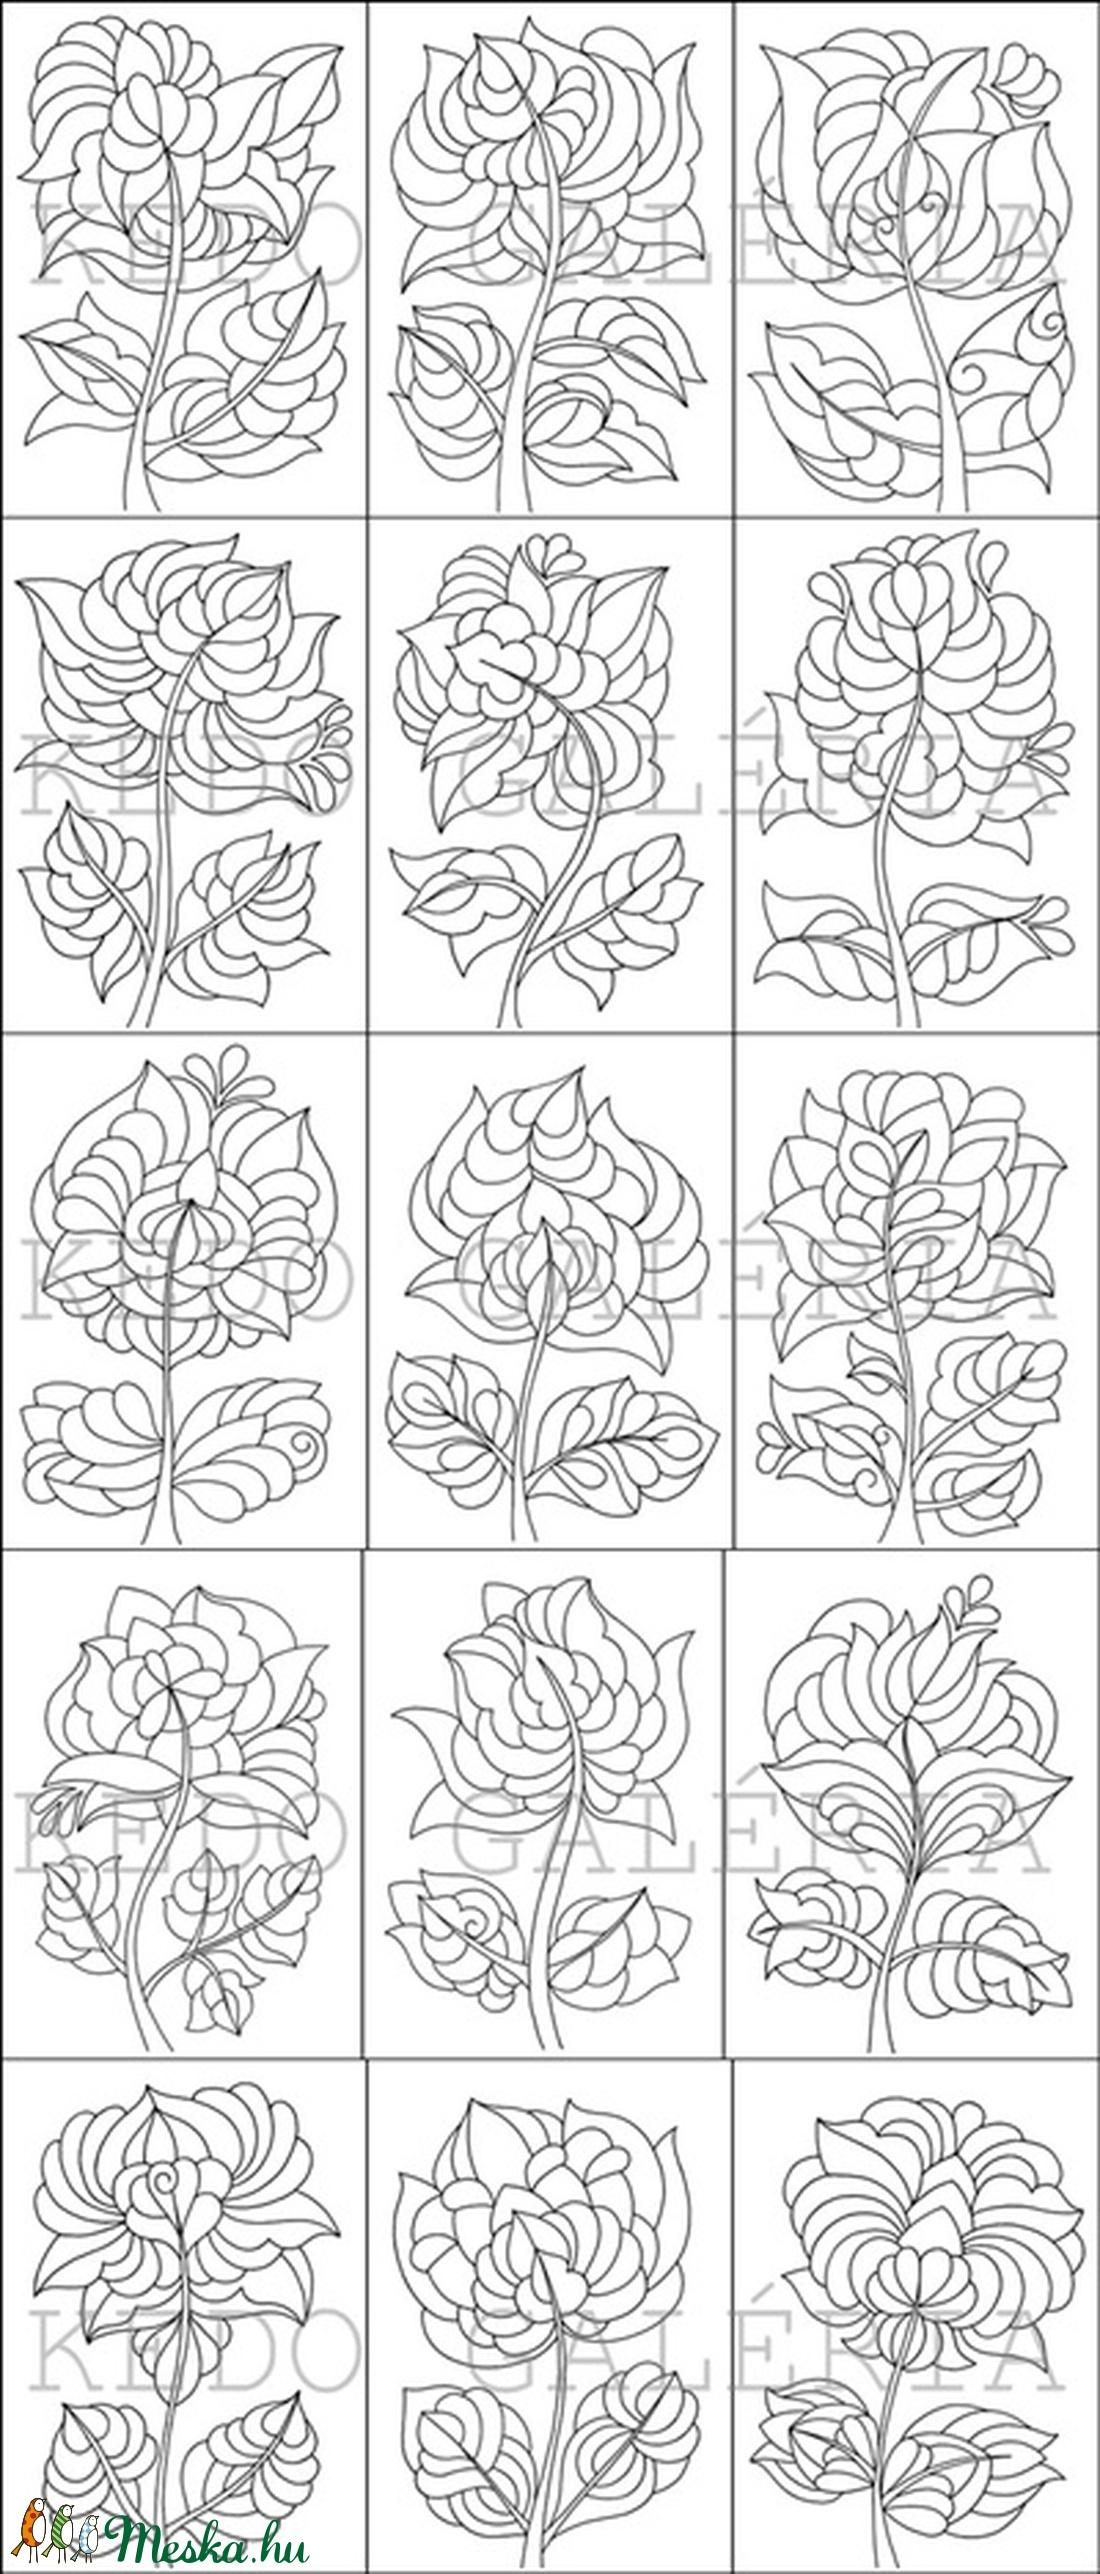 Táncoló tulipánok- nyomtatható tulipános sablon füzet (kedo) - Meska.hu